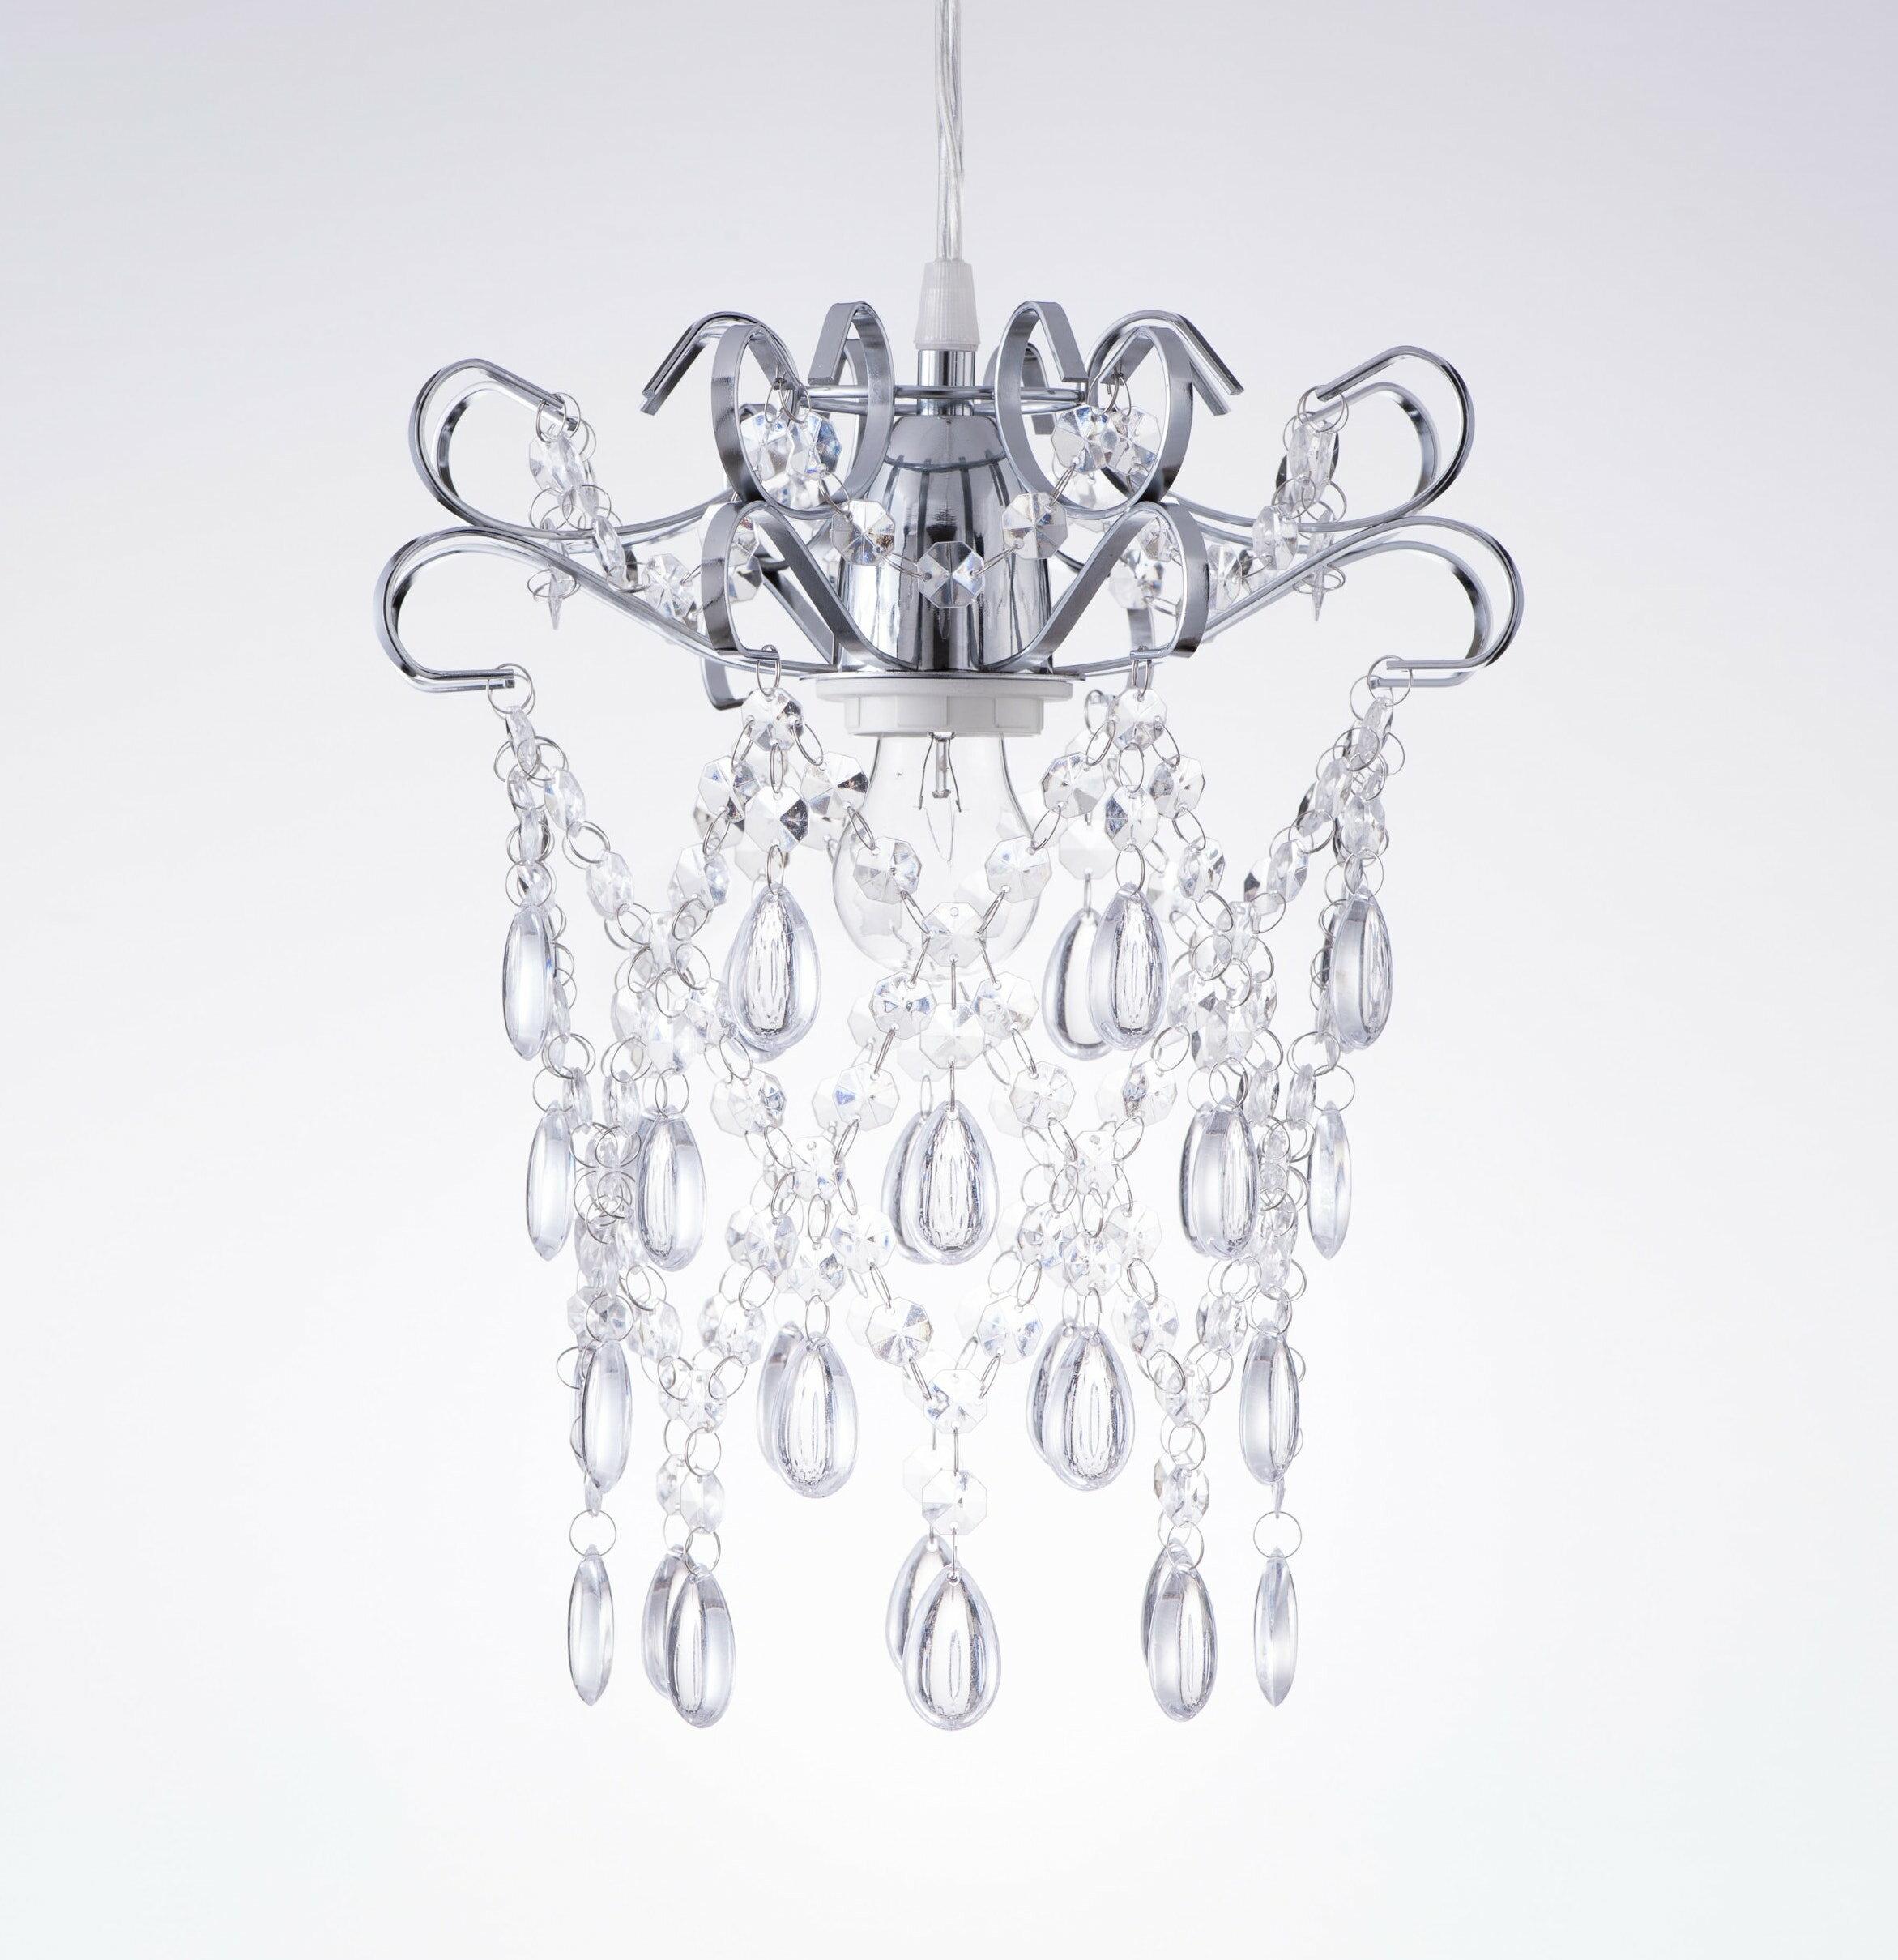 鍍鉻扁鐵框透明壓克力珠吊燈-BNL00048 0